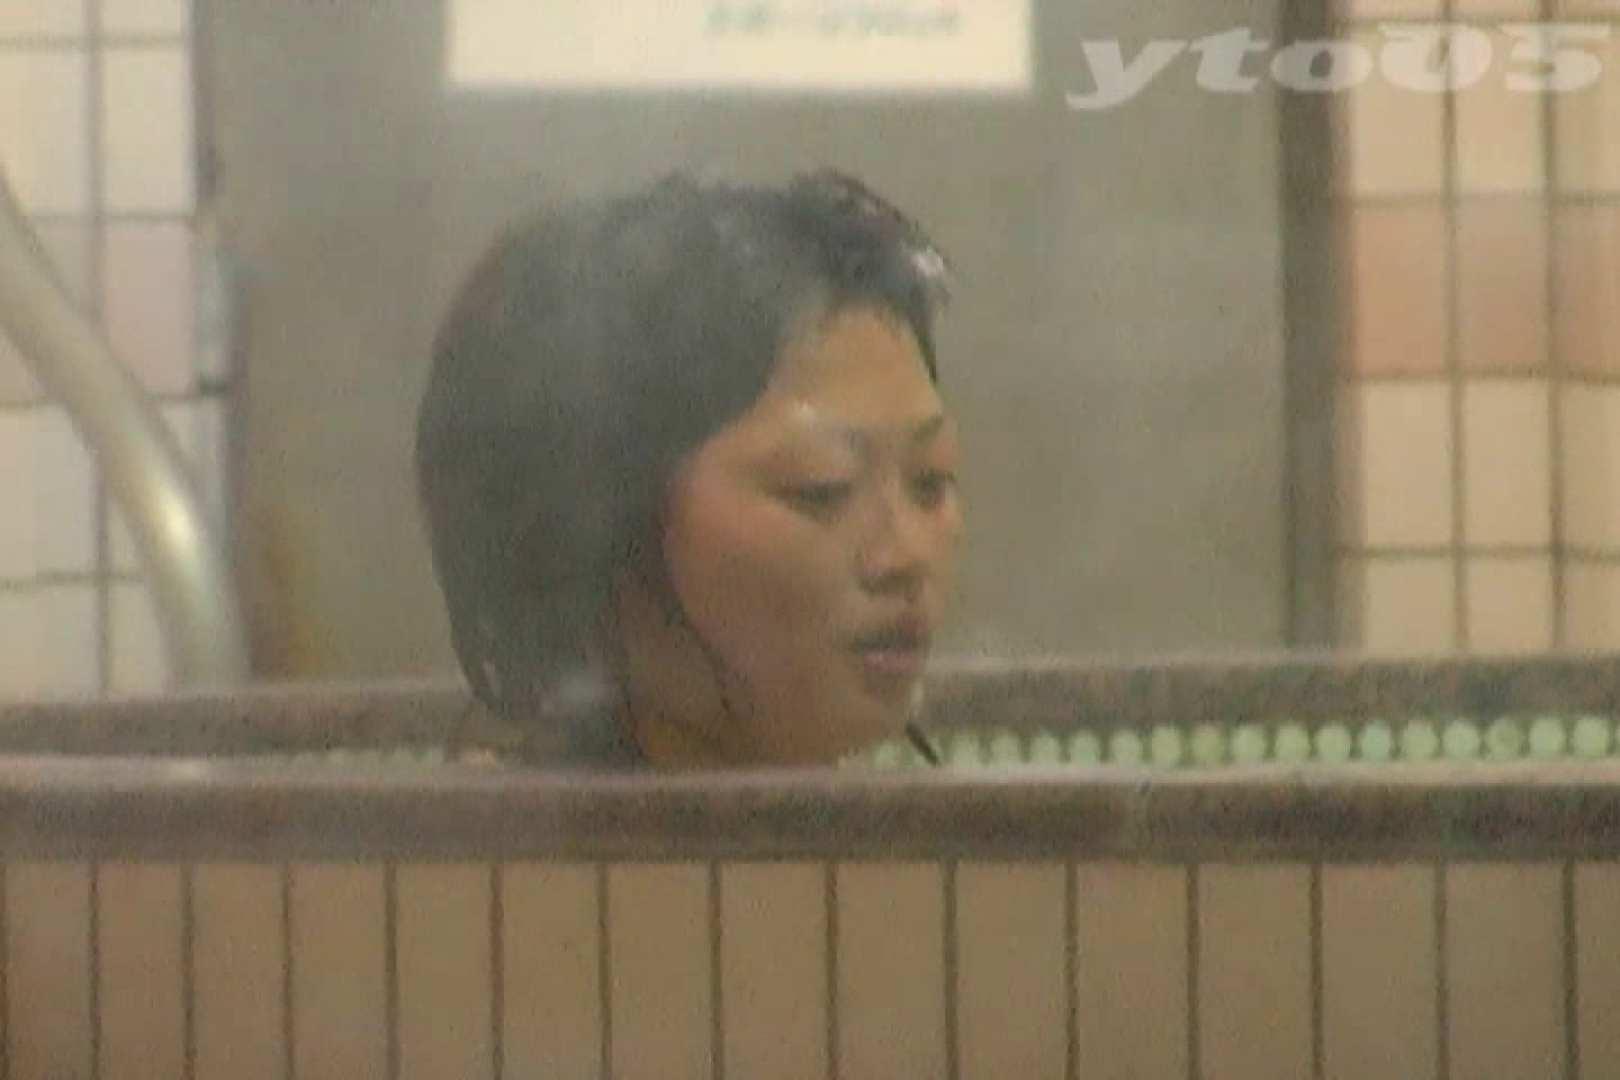 ▲復活限定▲合宿ホテル女風呂盗撮 Vol.28 女風呂 | ホテル  45連発 1